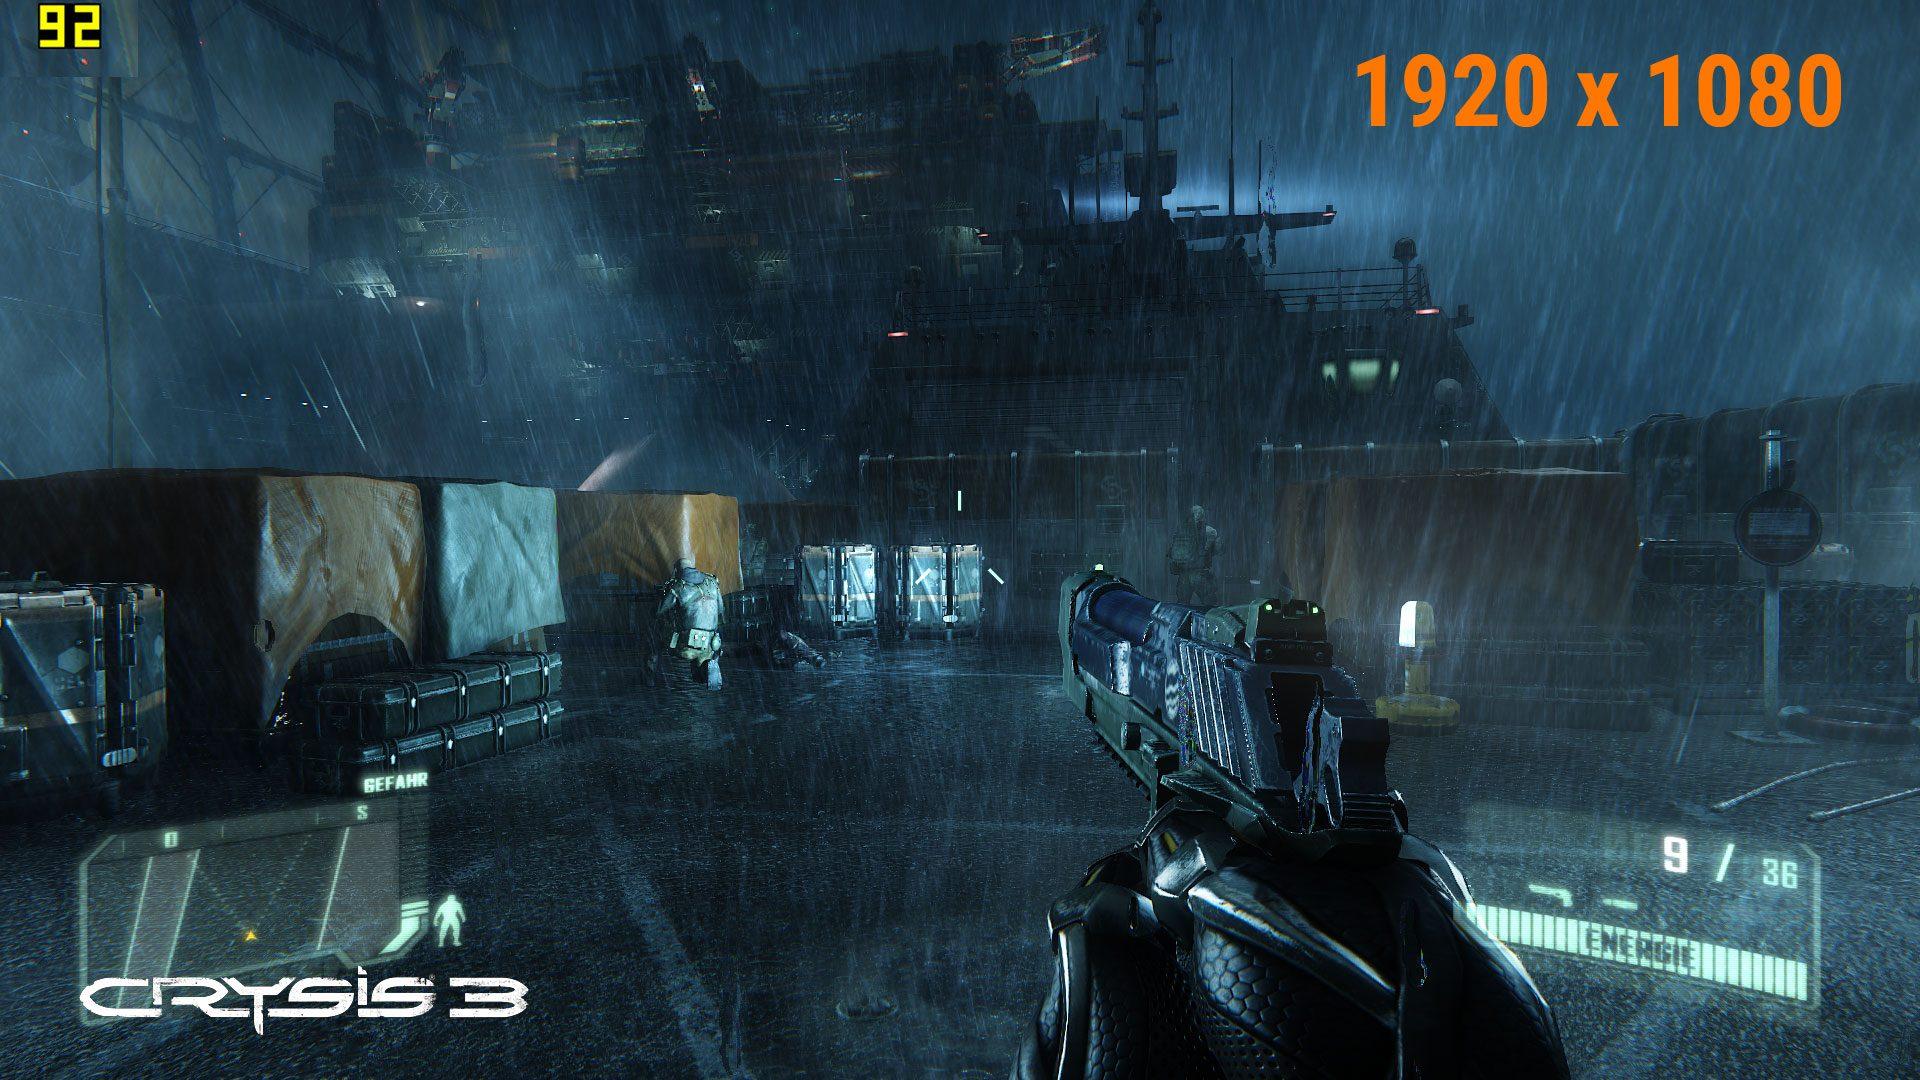 Asus-ROG-Zephyrus-GX501VI-GZ020T_Games-5